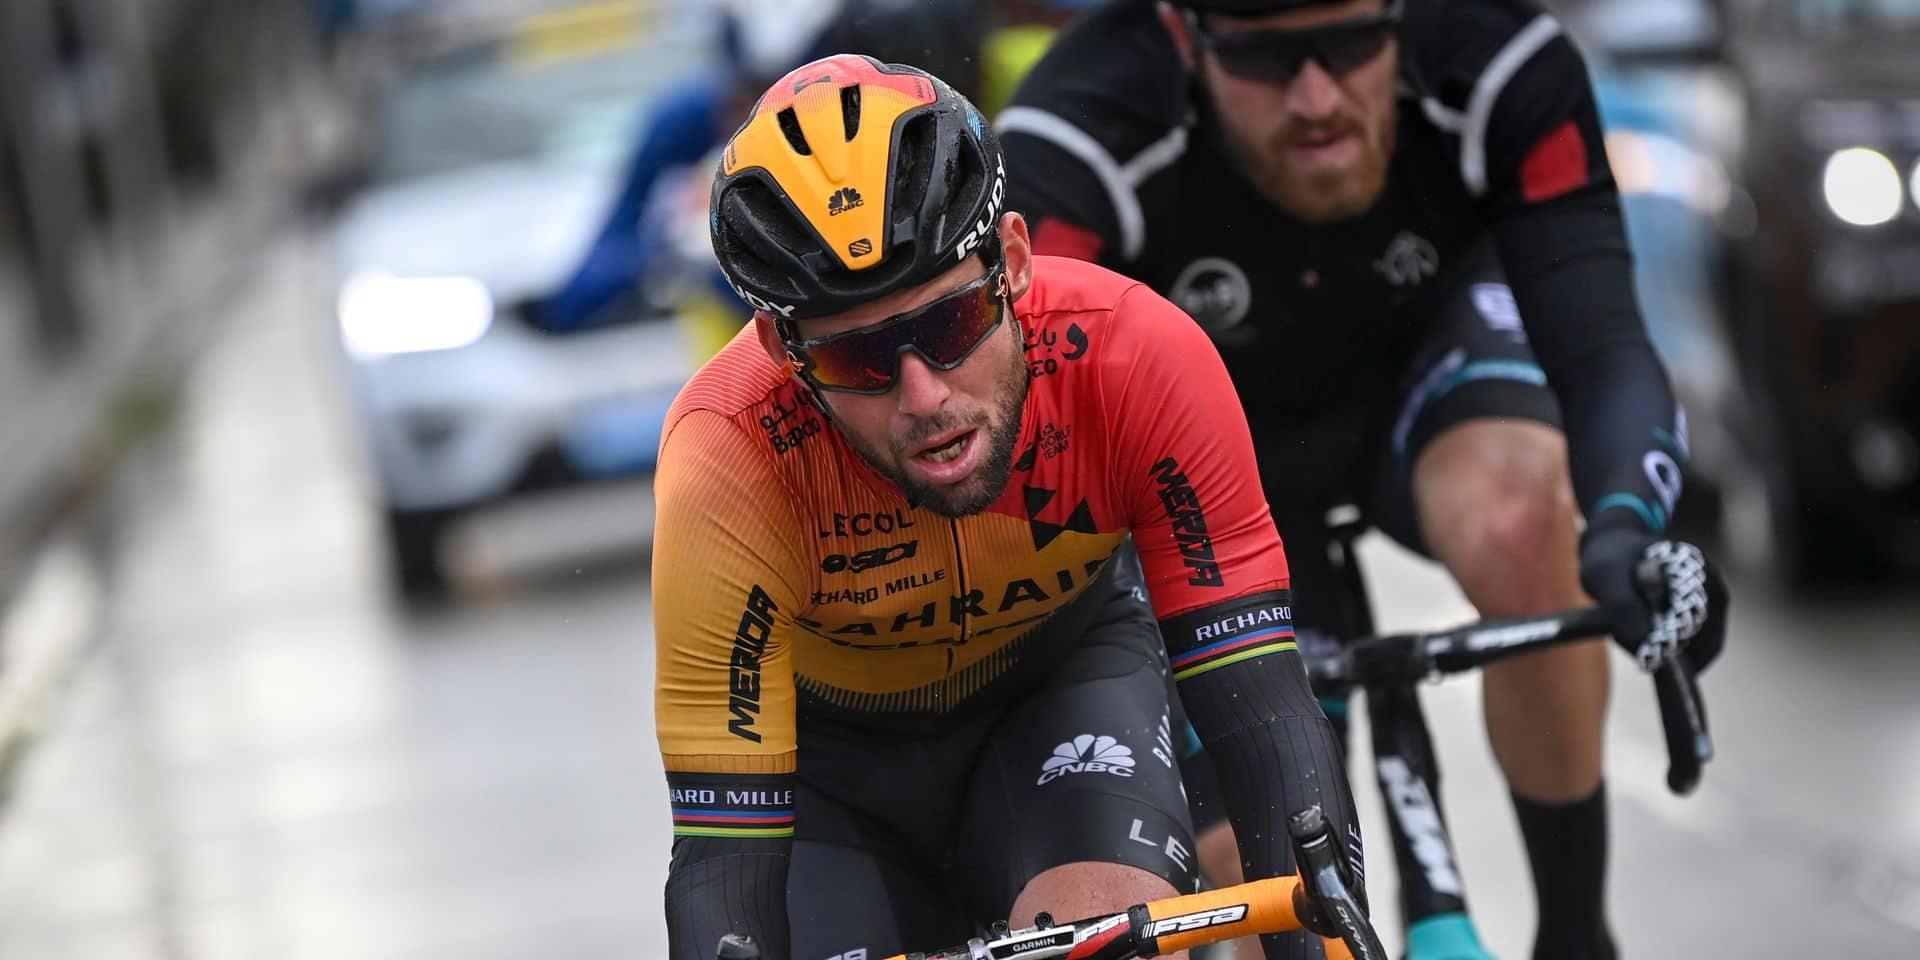 Mark Cavendish, la triste fin?